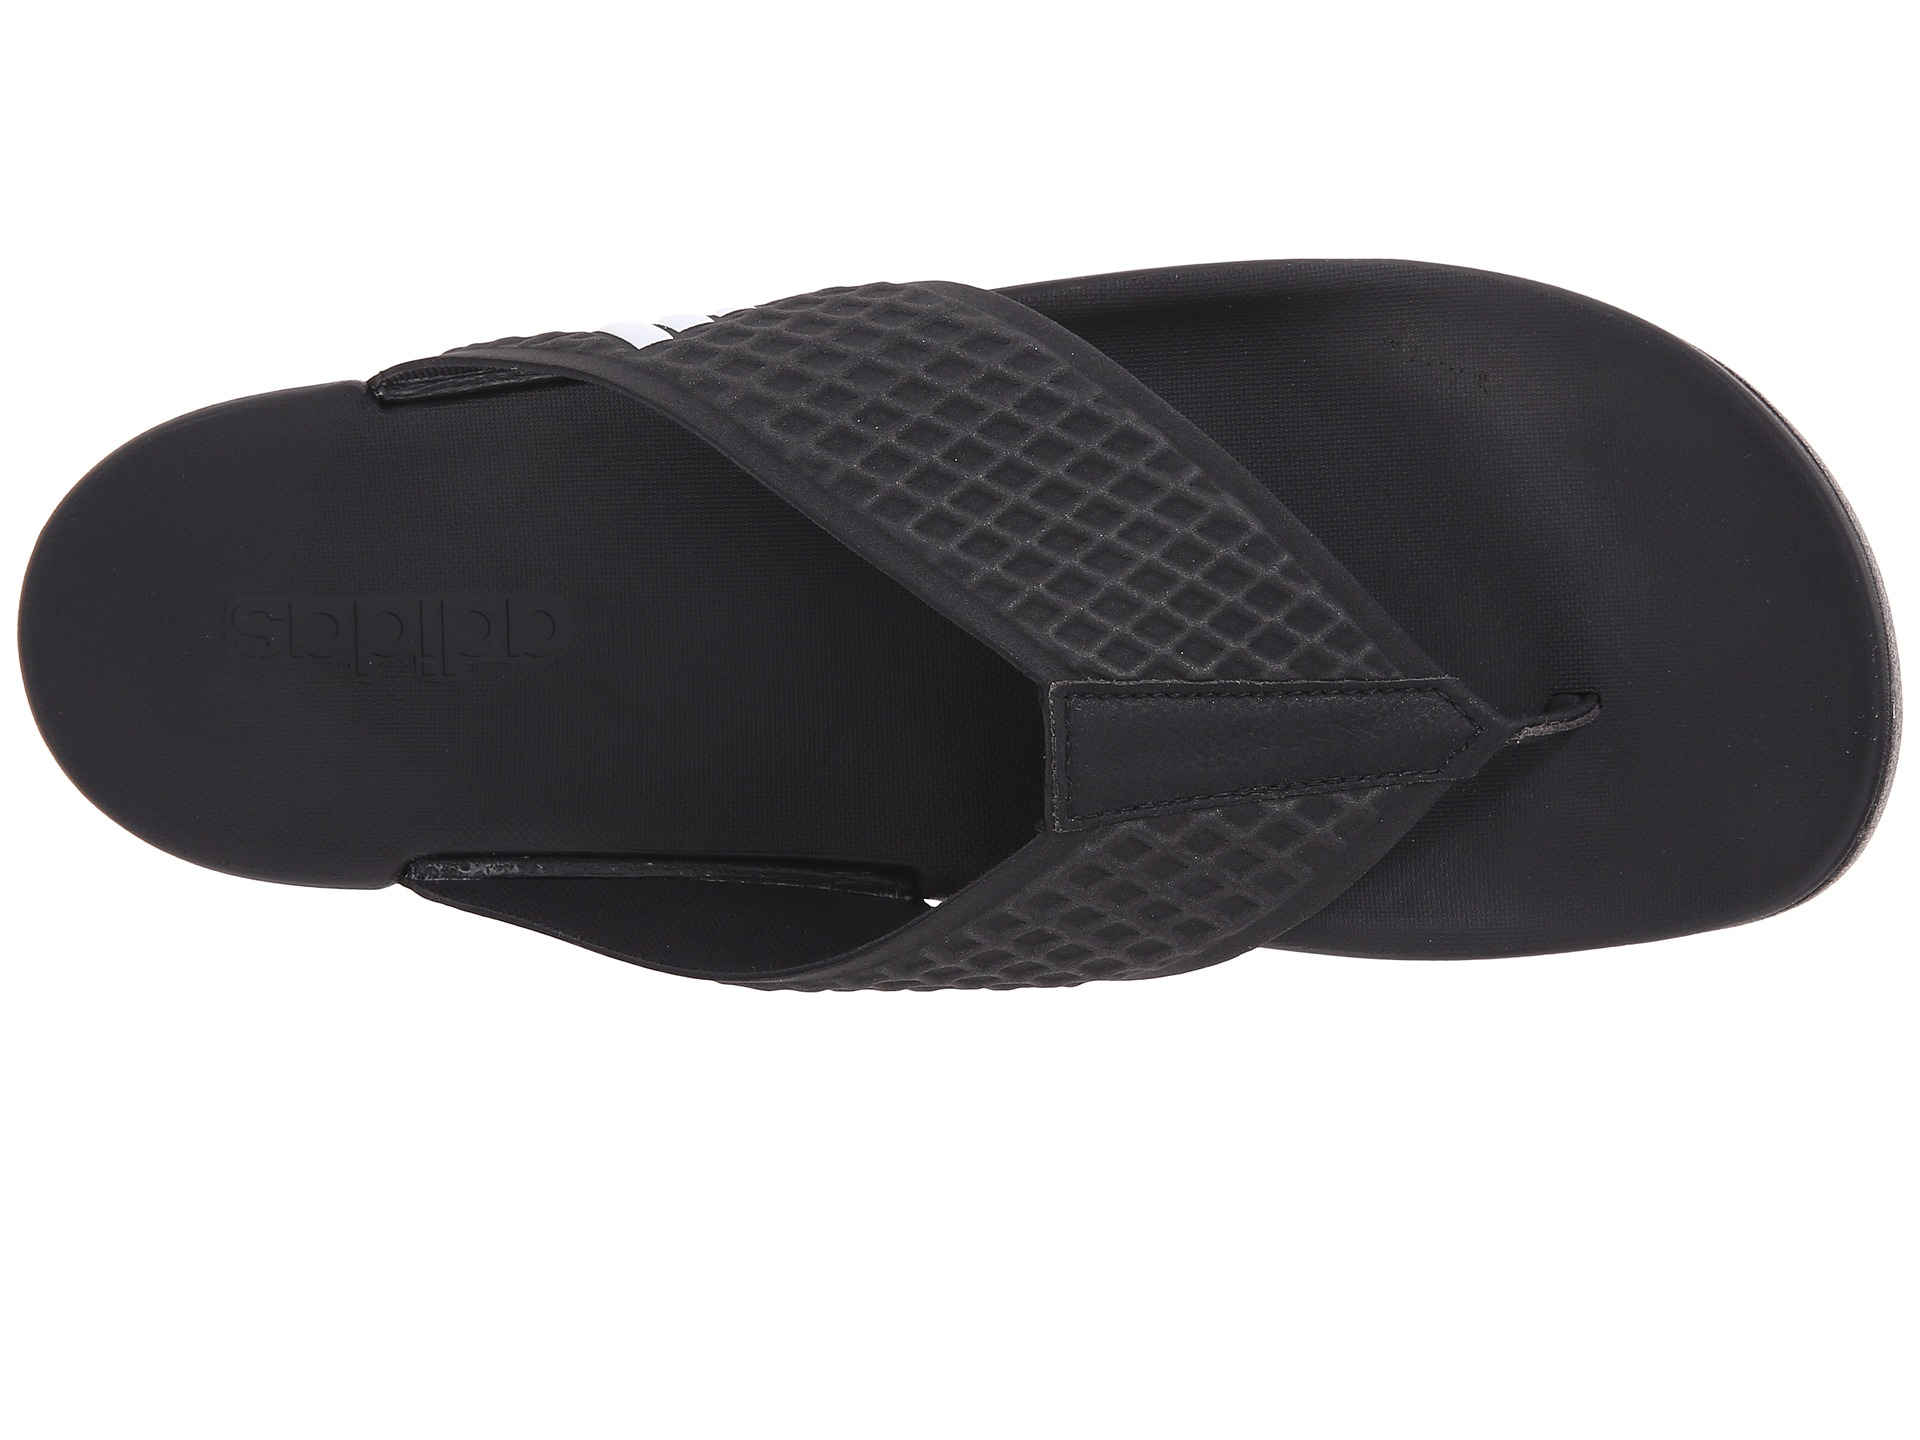 Adidas Originals Adilette Sc Plus Thong In Black For Men